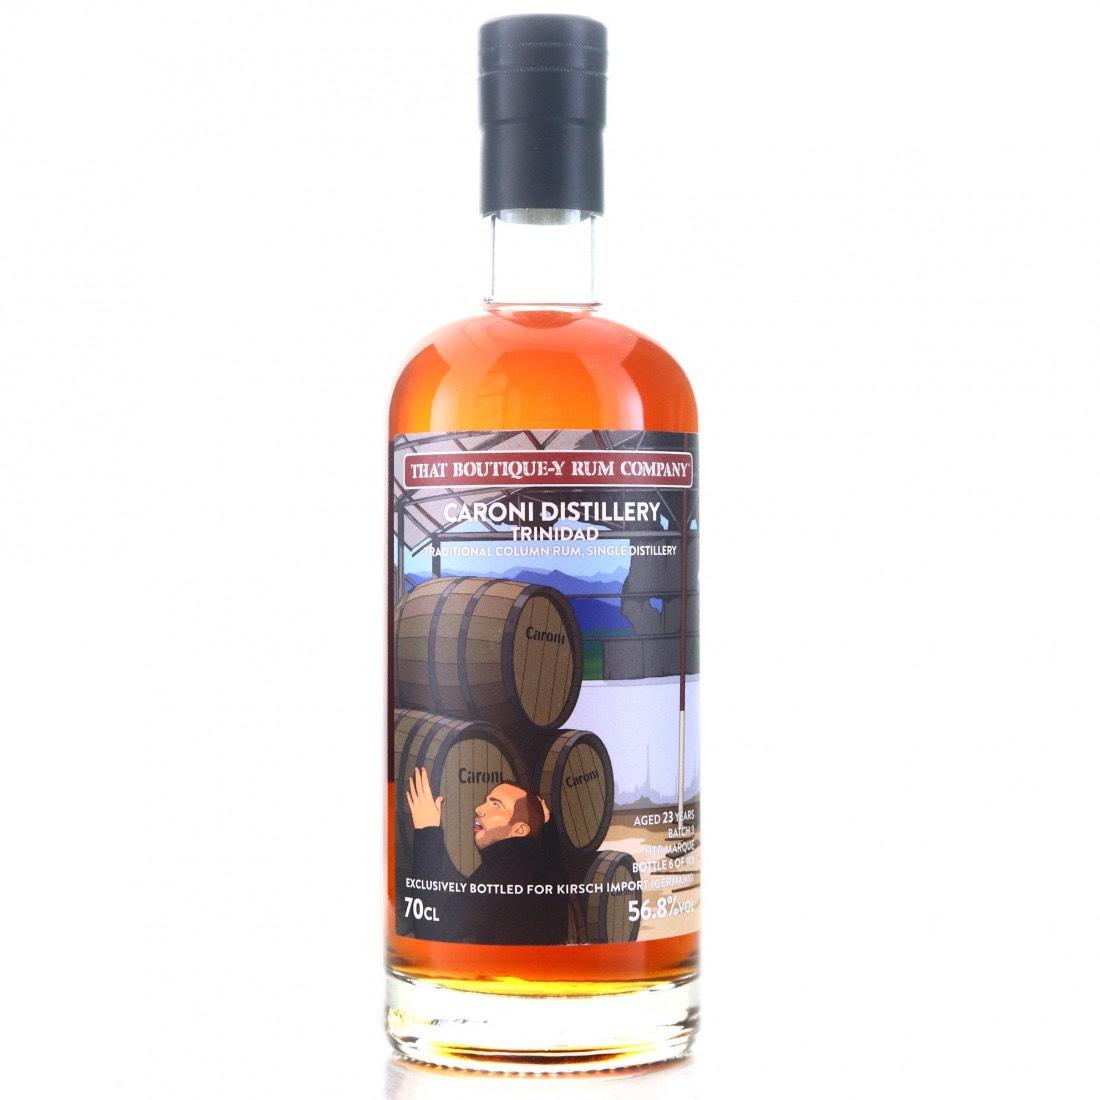 Bottle image of Bottled for Kirsch Whisky